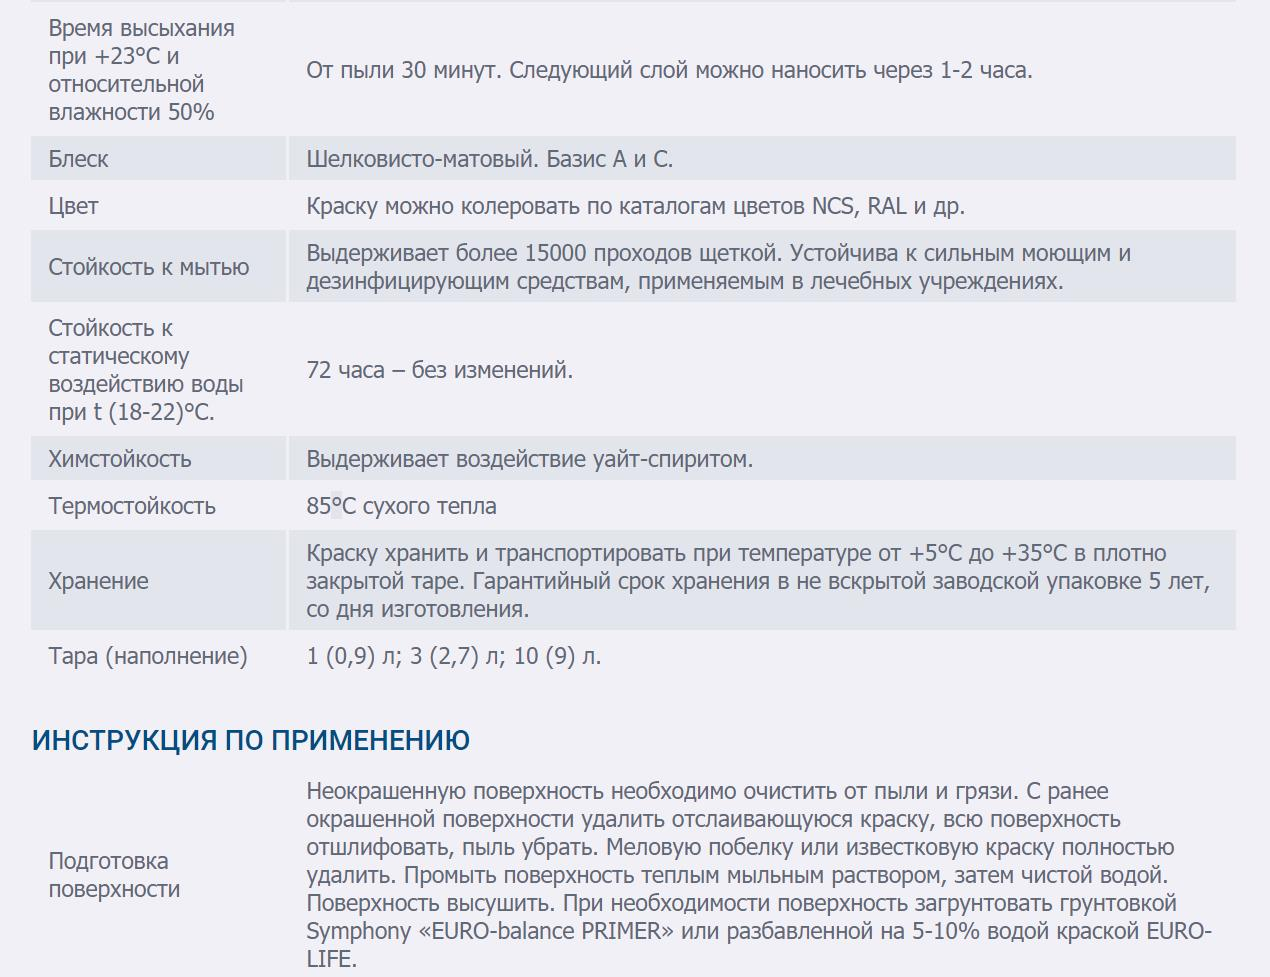 SYMPHONY EURO - LIFE Vlagostoykaya shelkovisto-matovaya kraska 2